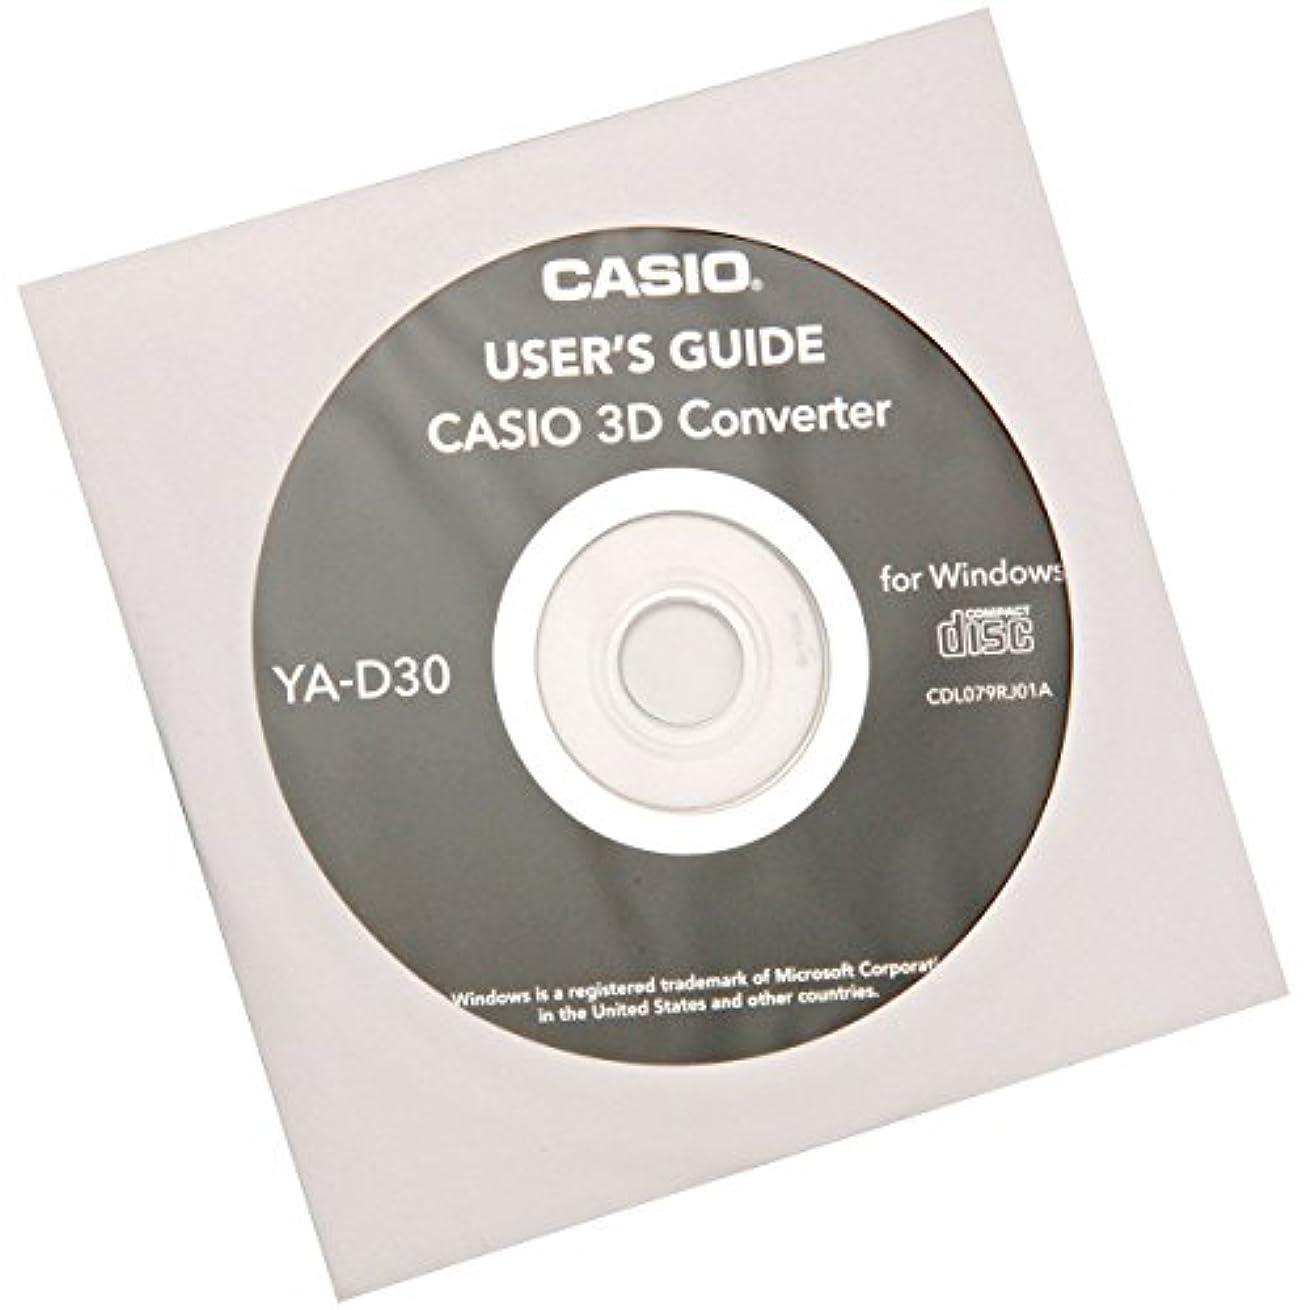 九月汚染アパルカシオ計算機 CASIO 3D Converter YA-D30